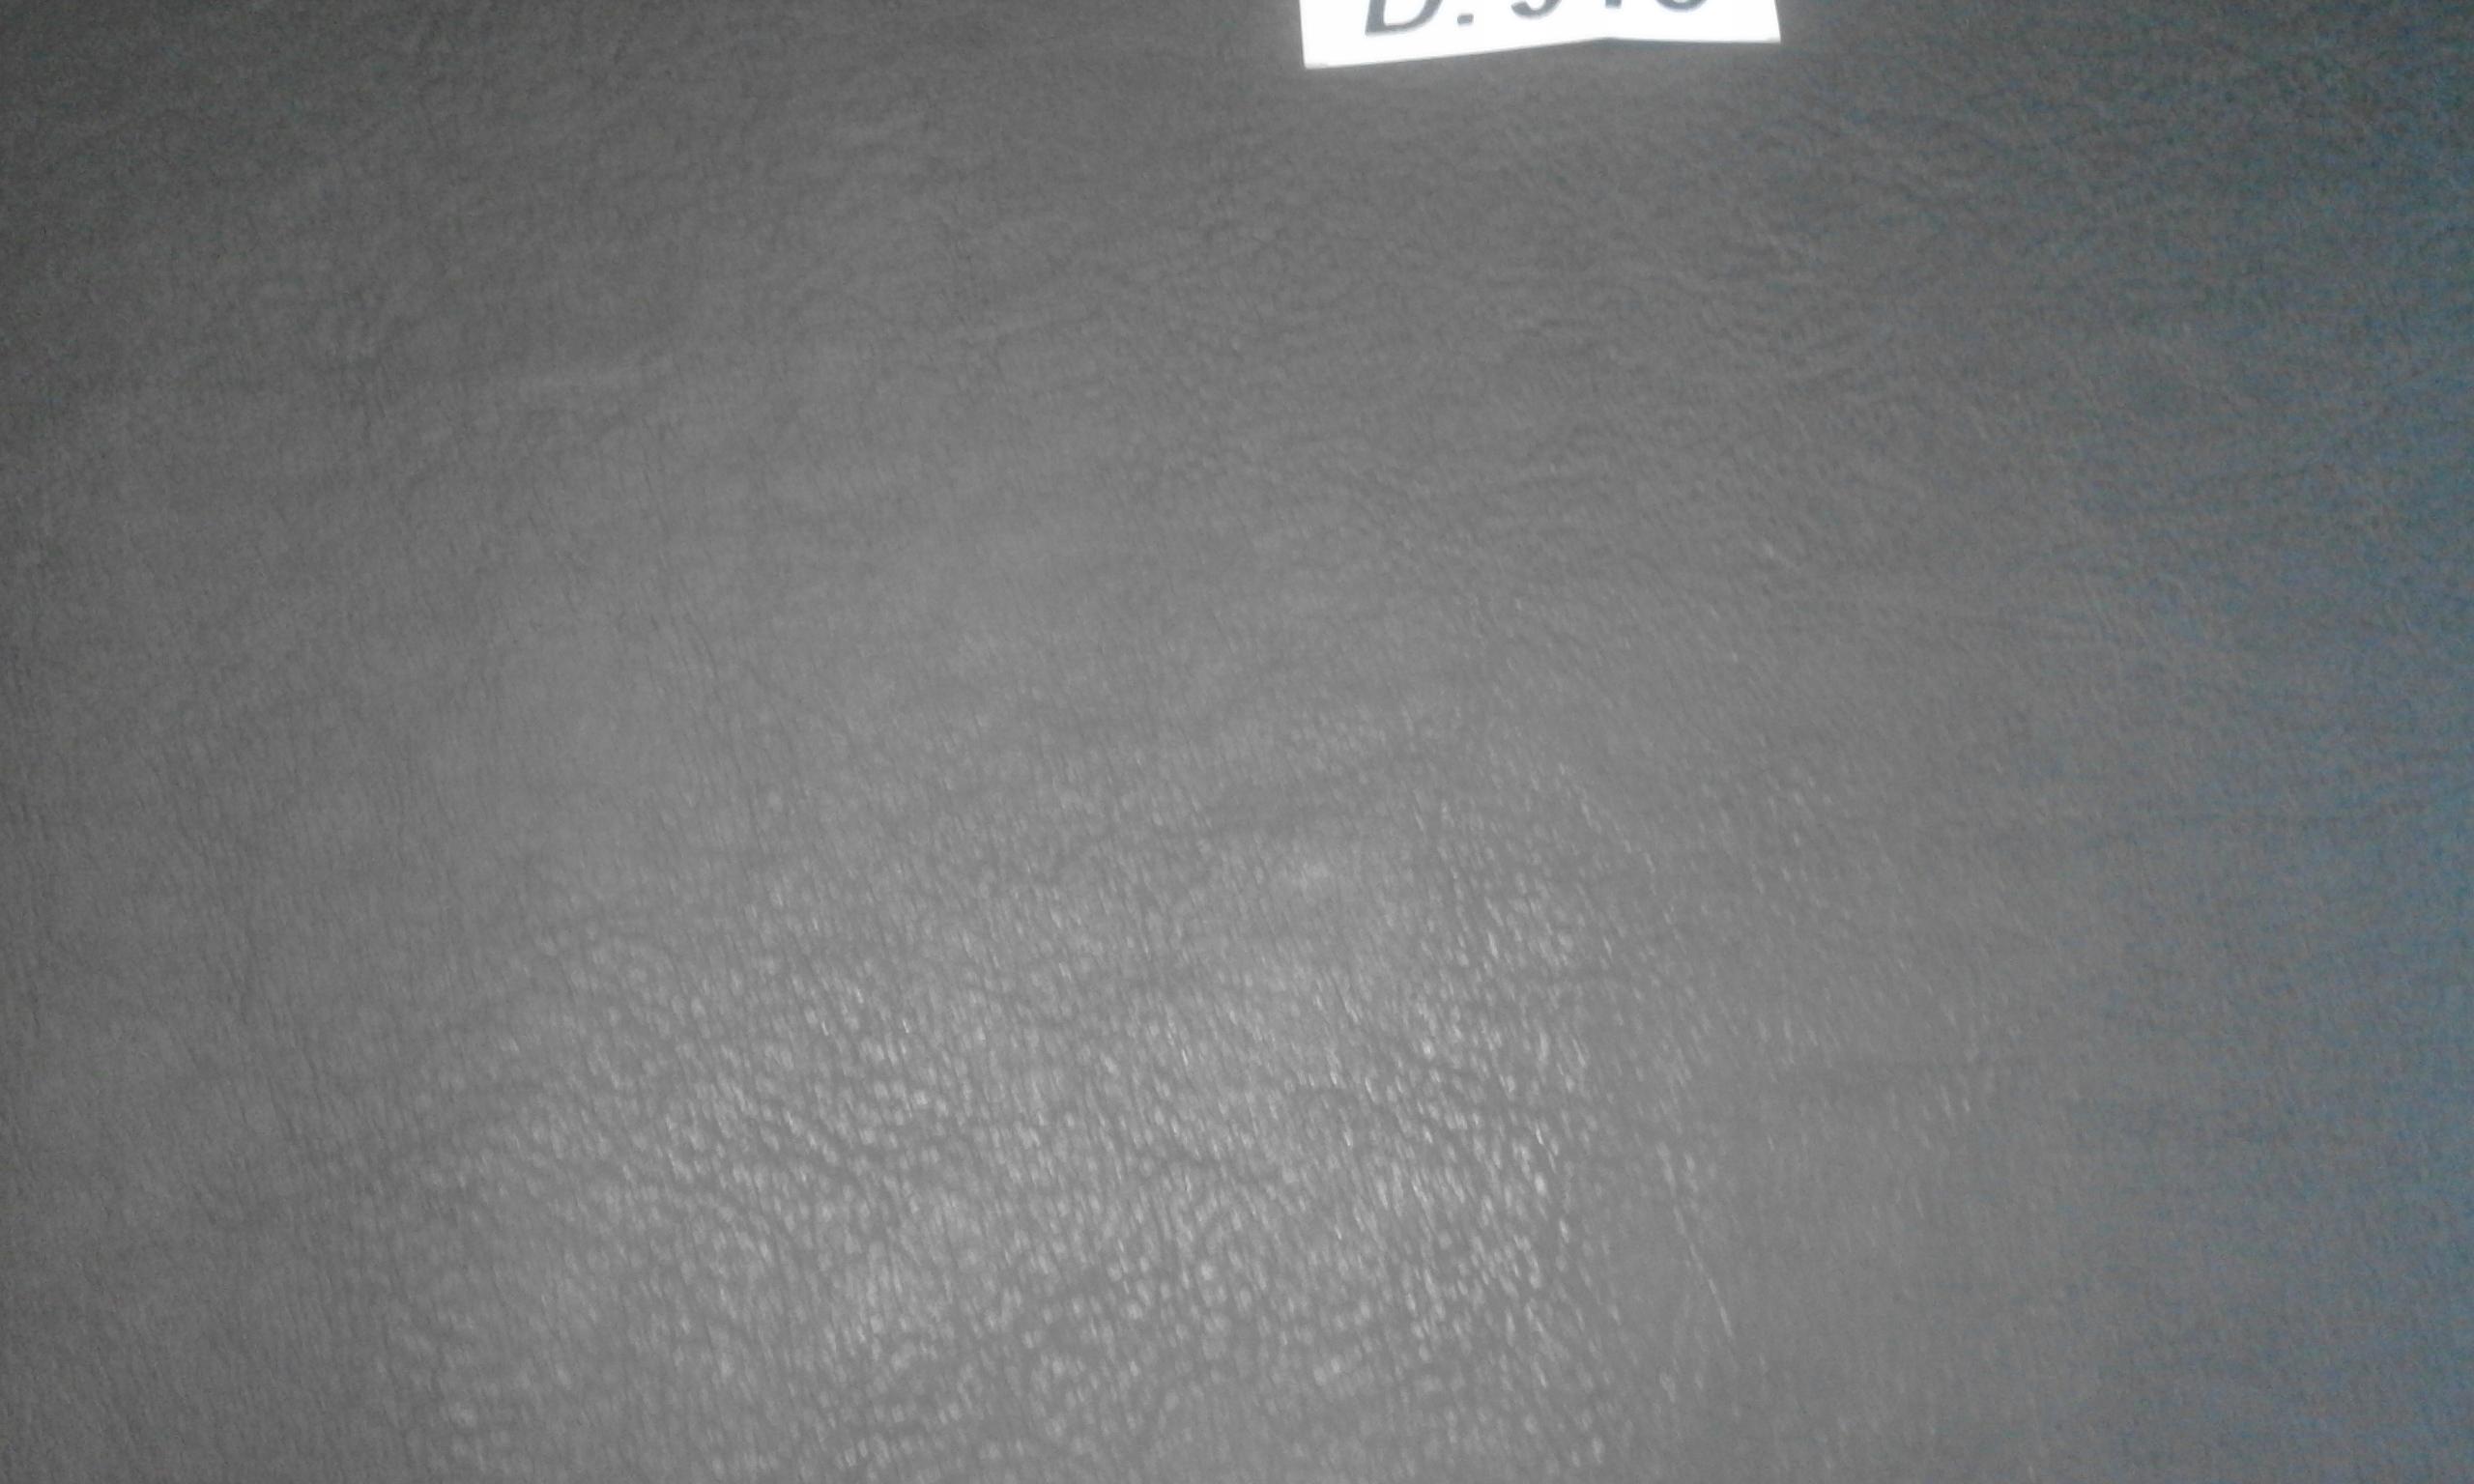 Skaj podk deder k.c.brąz s.1.45 m 0.70 m D.913